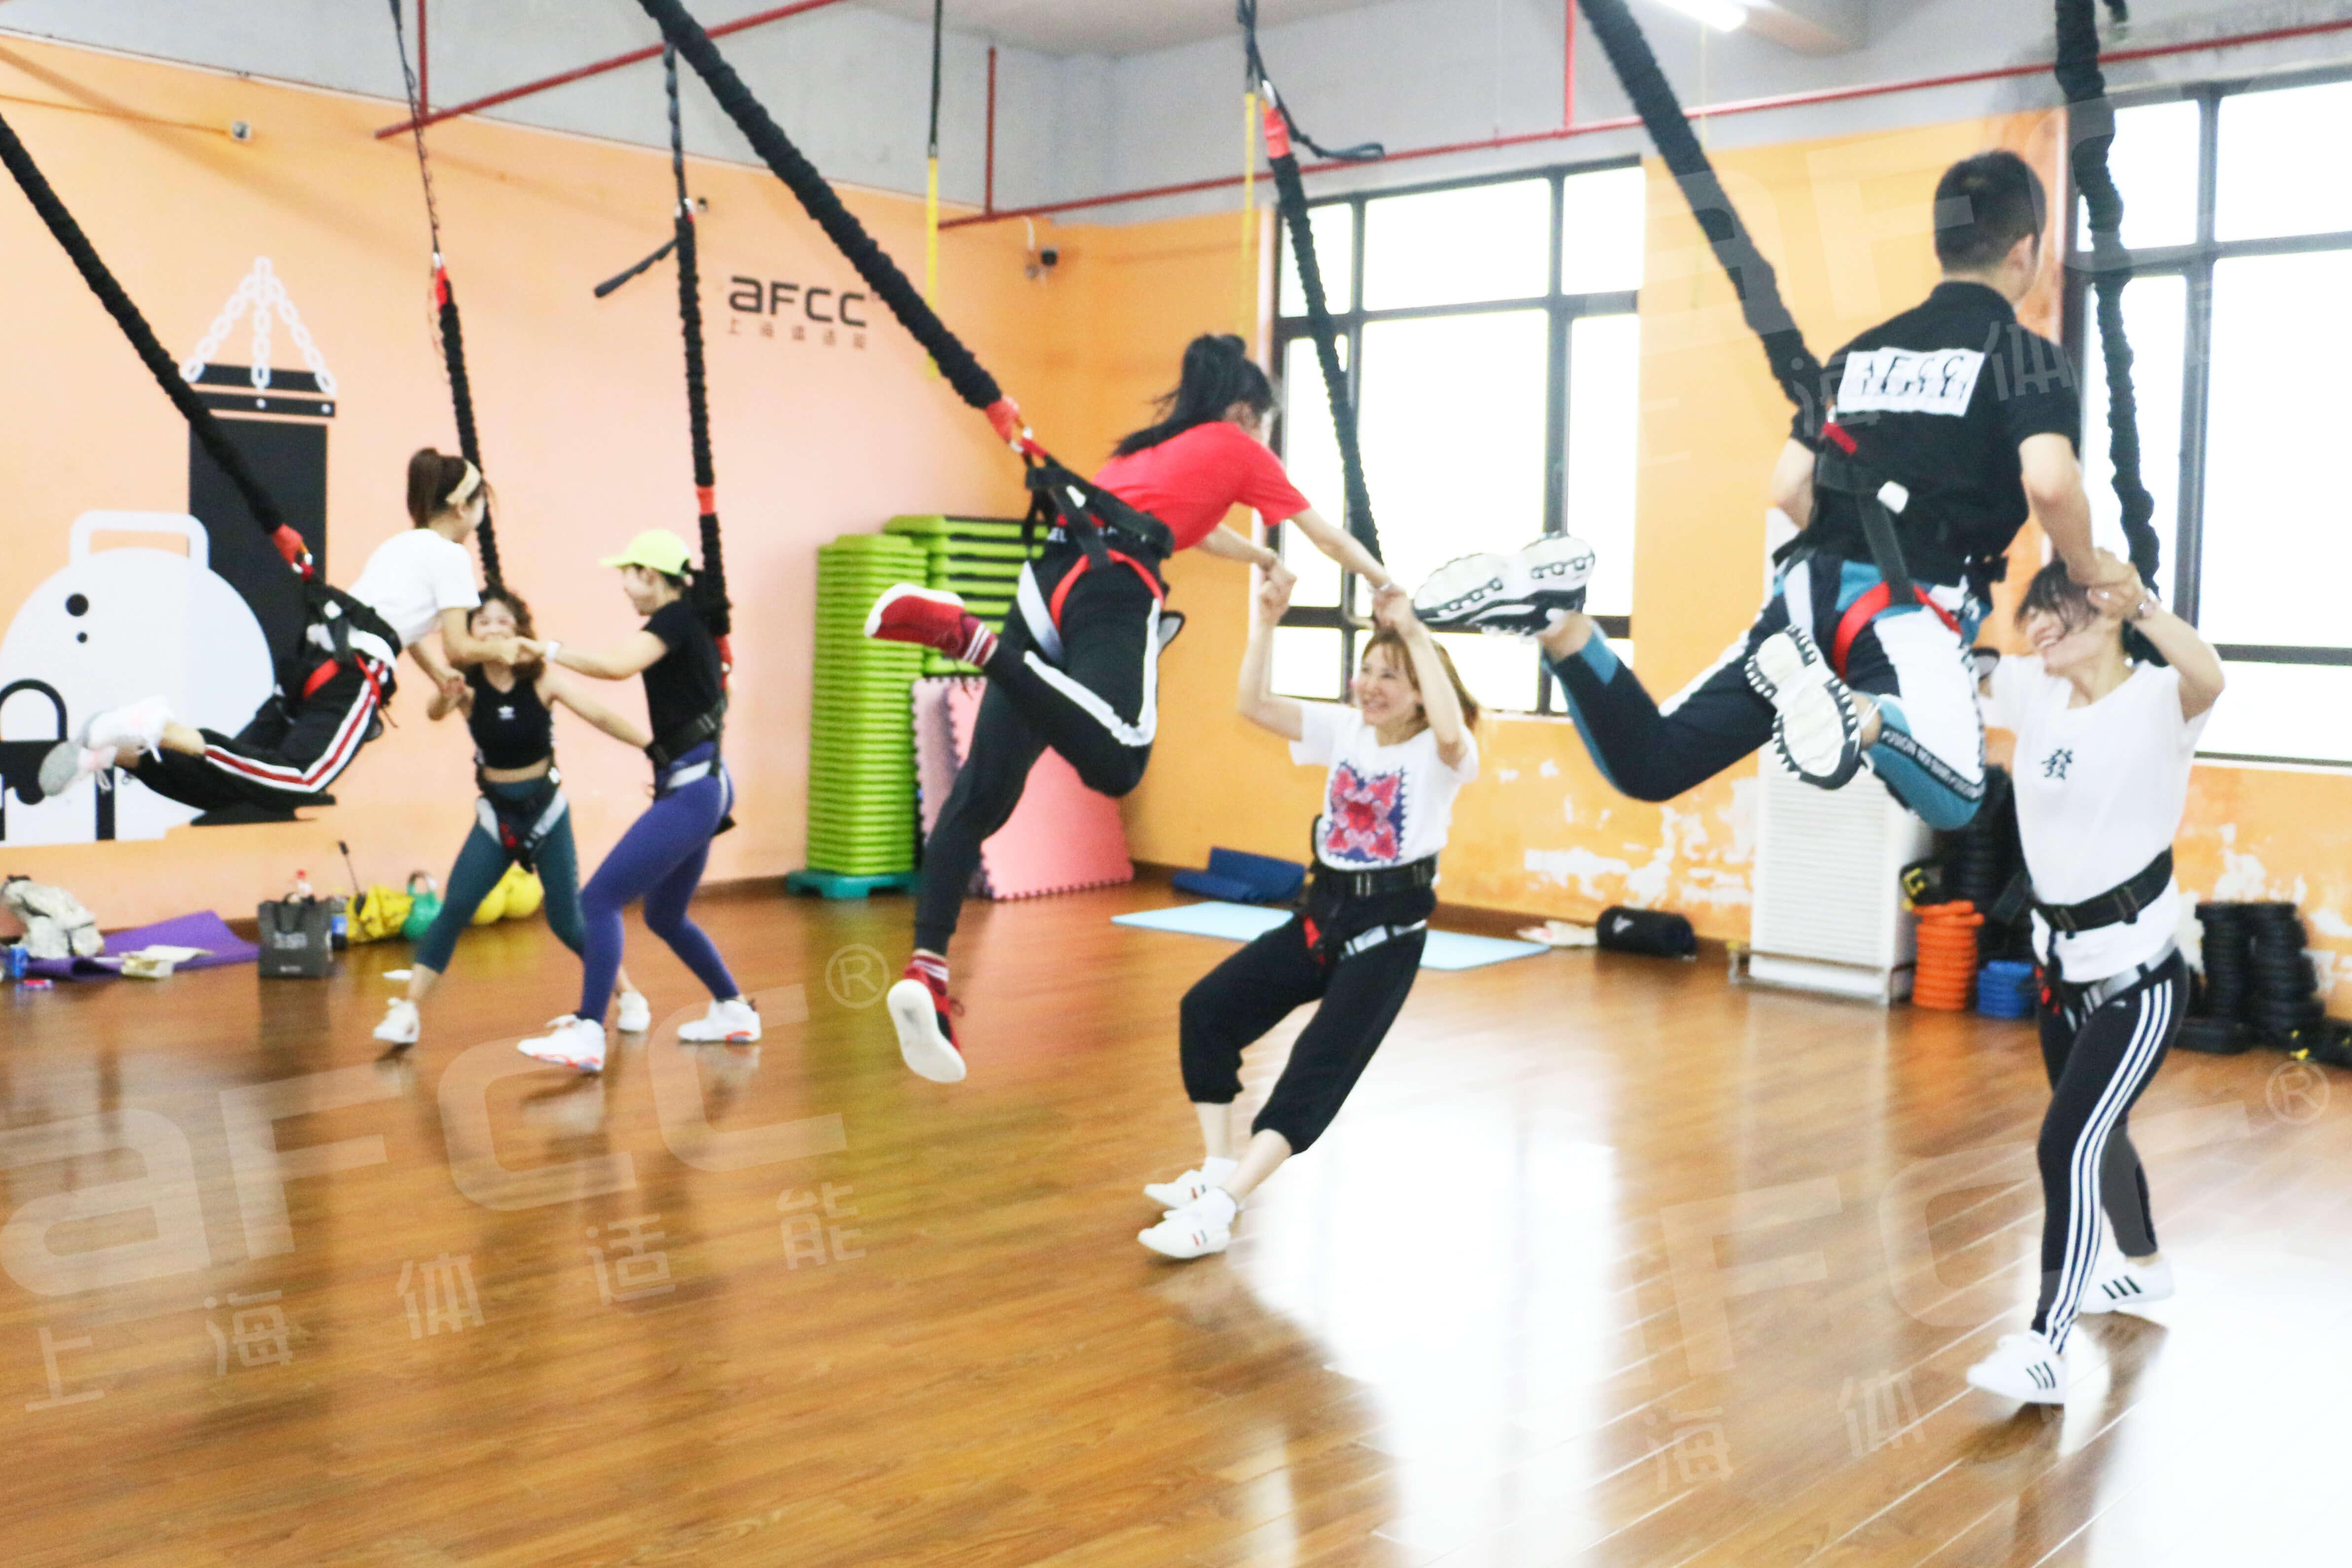 长期坚持蹦床运动,有助于促进新陈代谢提高和改善脂肪氧化